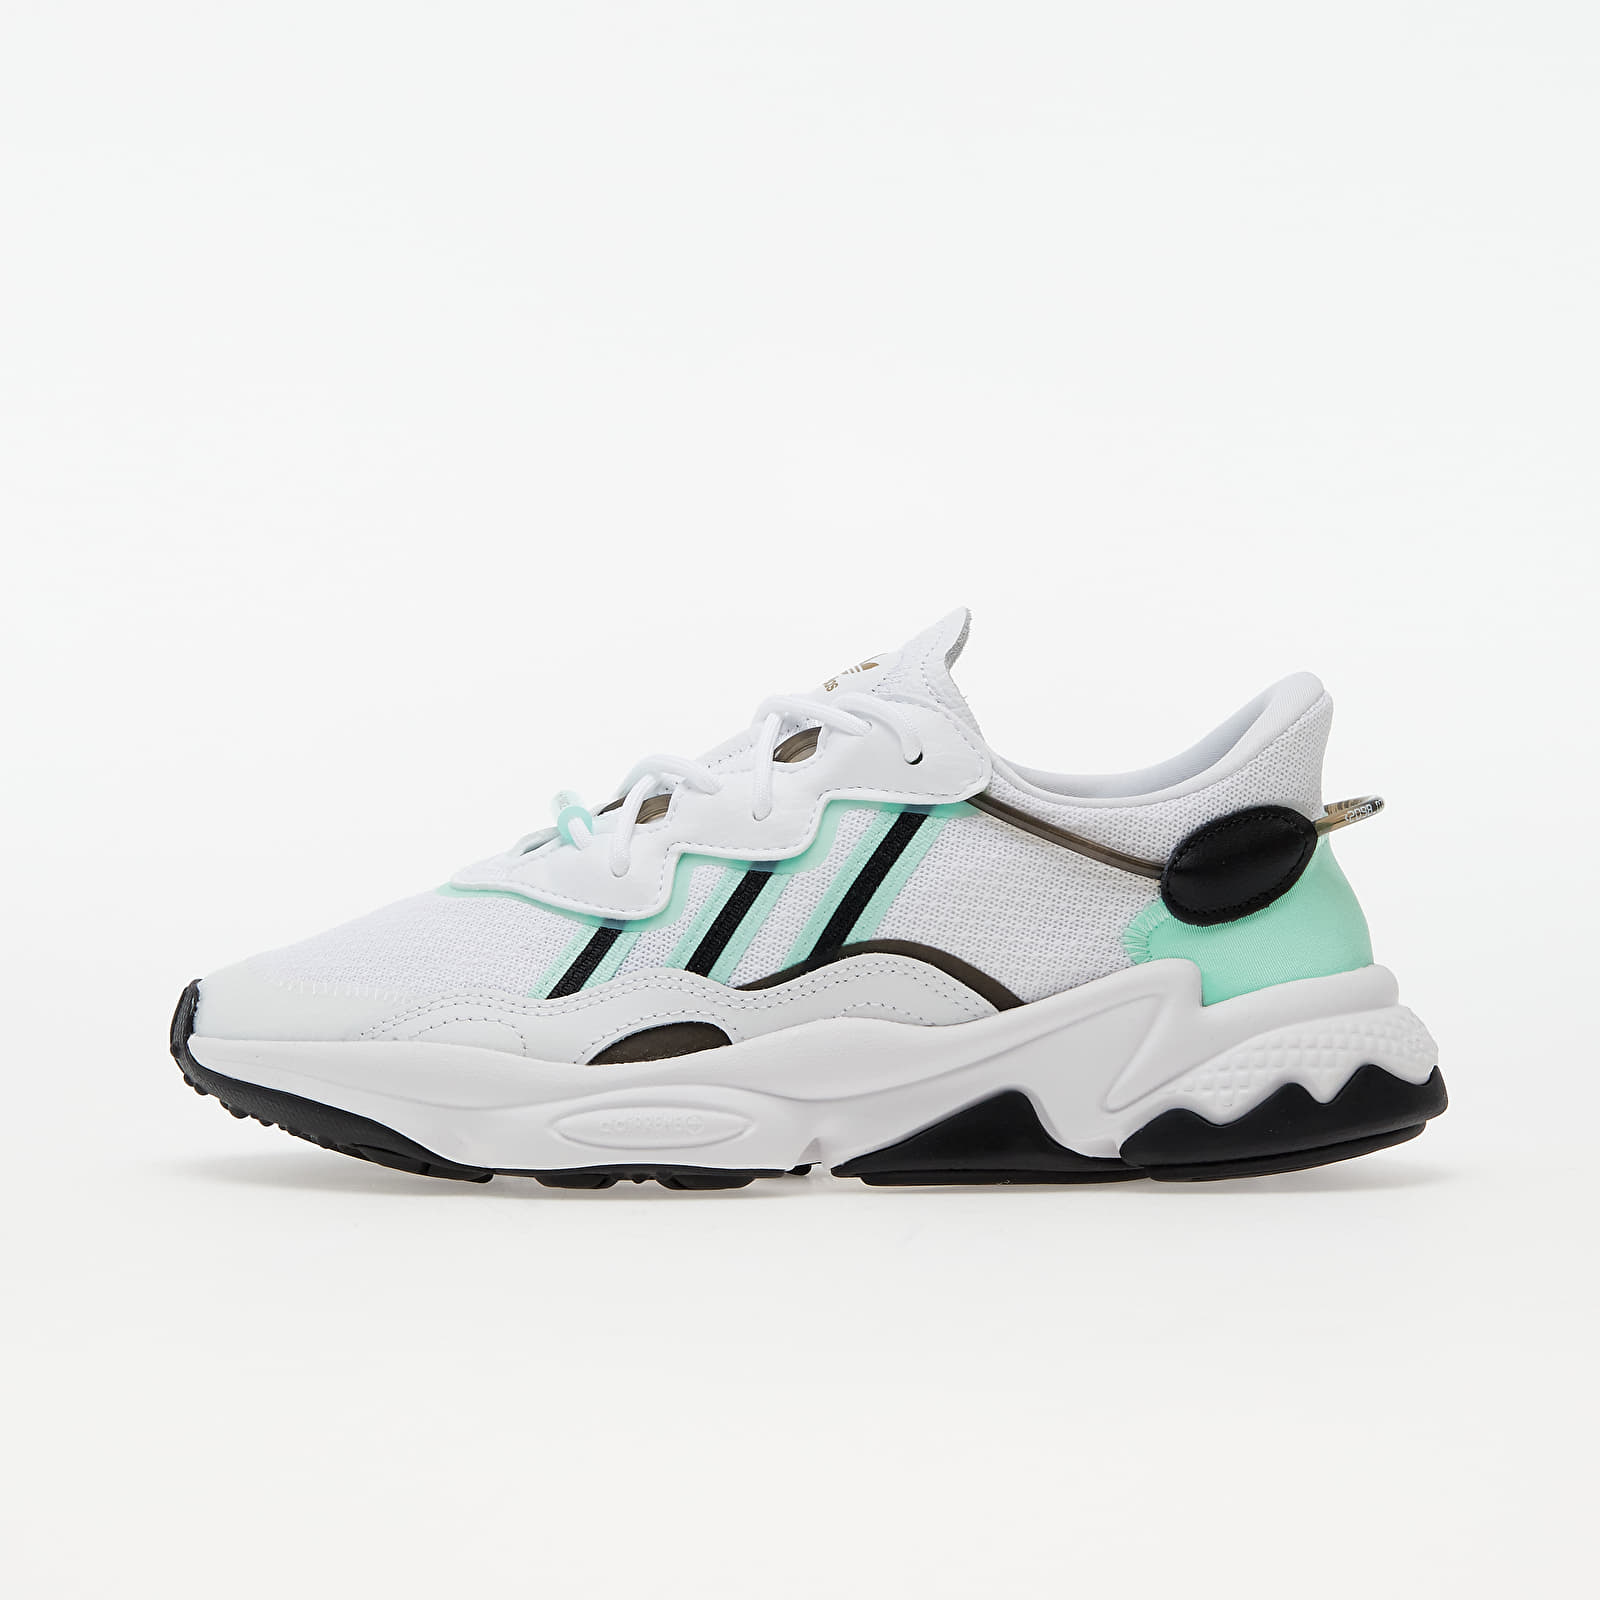 adidas Ozweego W Ftw White/ Frozen Green/ Core Black EUR 38